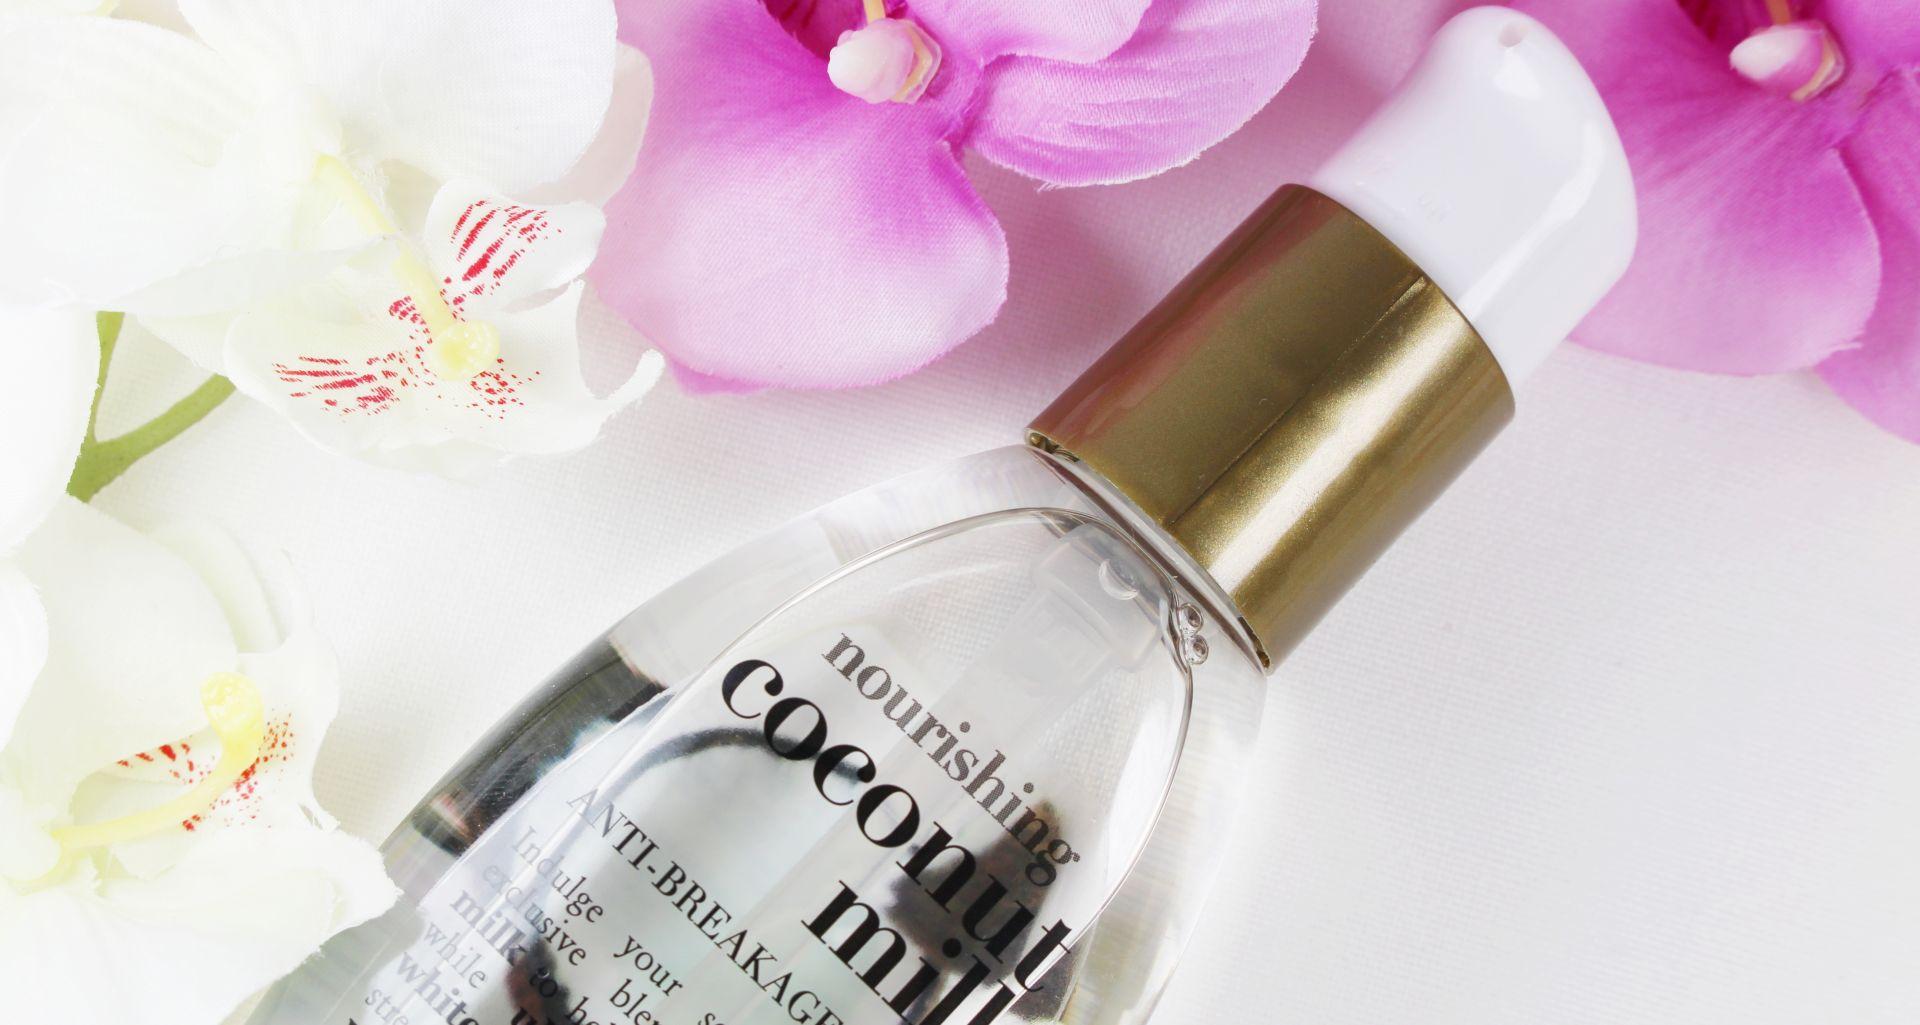 Ogx Coconut Water, Ogx Coconut Oil, Ogx Coconut Milk Anti Breakage Serum, Haarpflege mit Kokosöl, Haarpflege Silikone, Haarpflegeöl, Conditioner Haare, Conditioner Test, Naturkosmetik, Super Twins Annalena und Magdalena